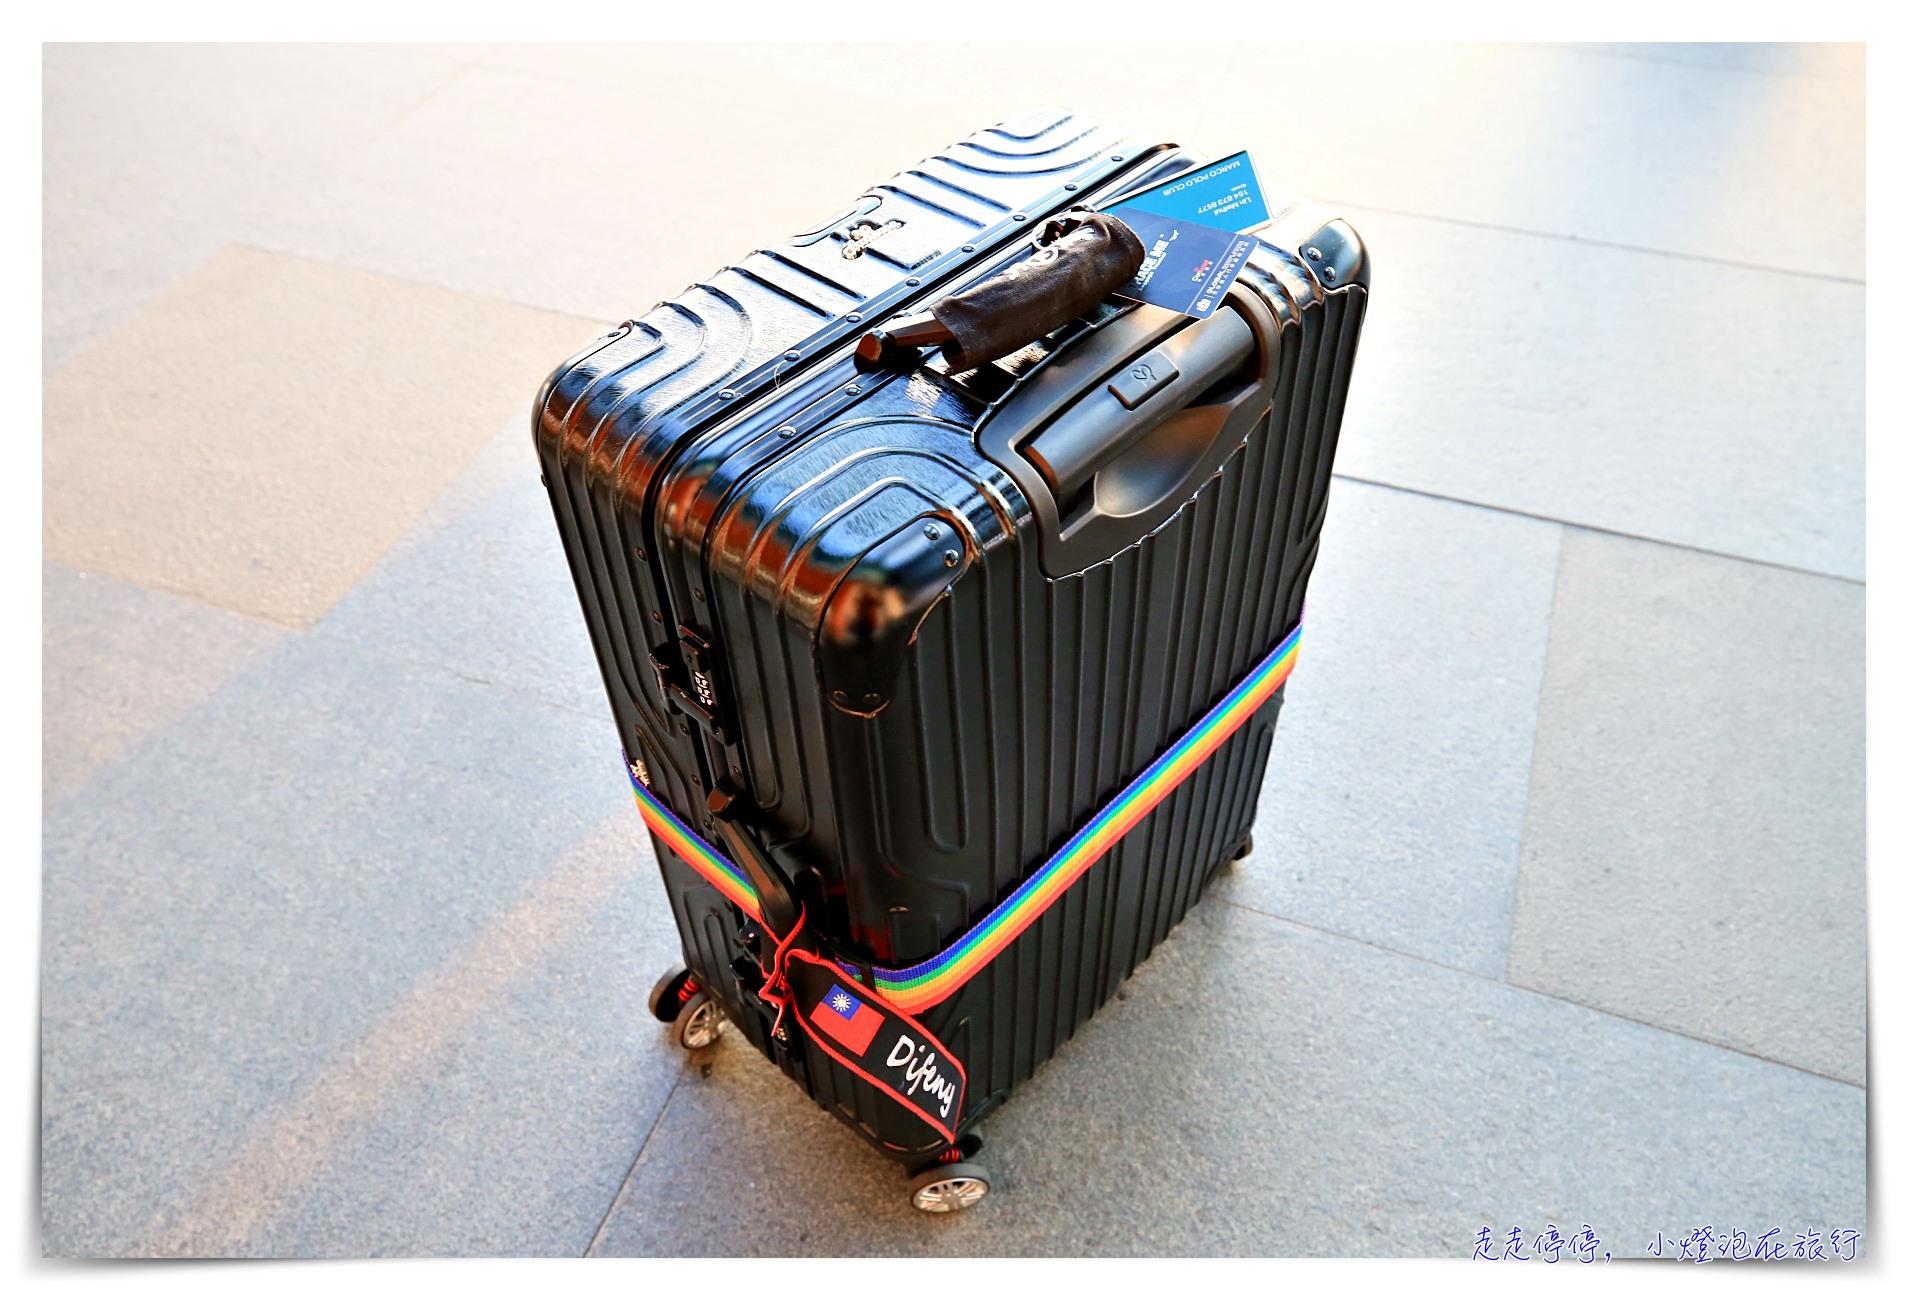 走走停停,教學旅行,旅行教學